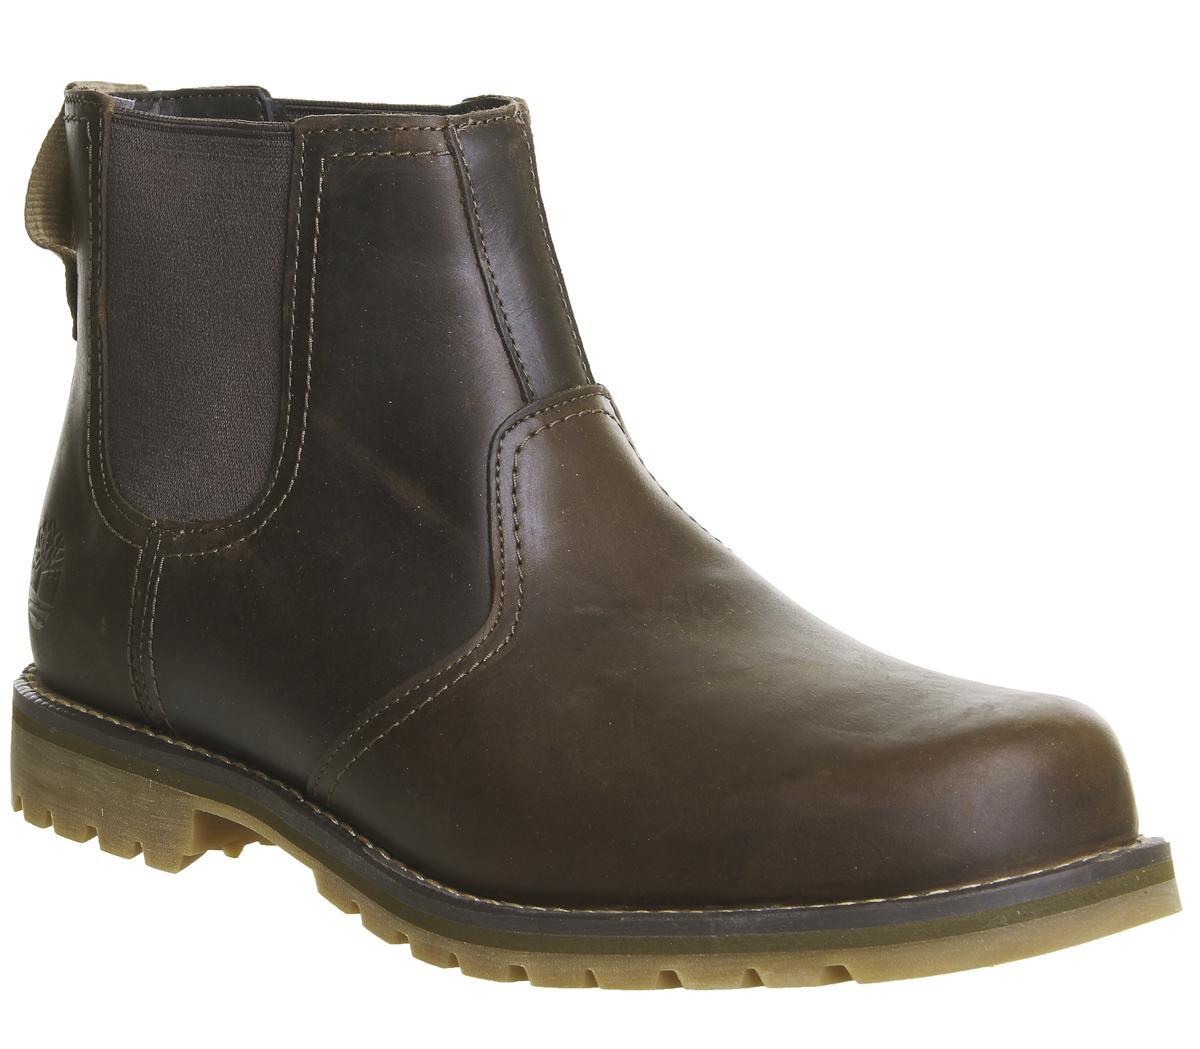 Larchmont Chelsea Boots